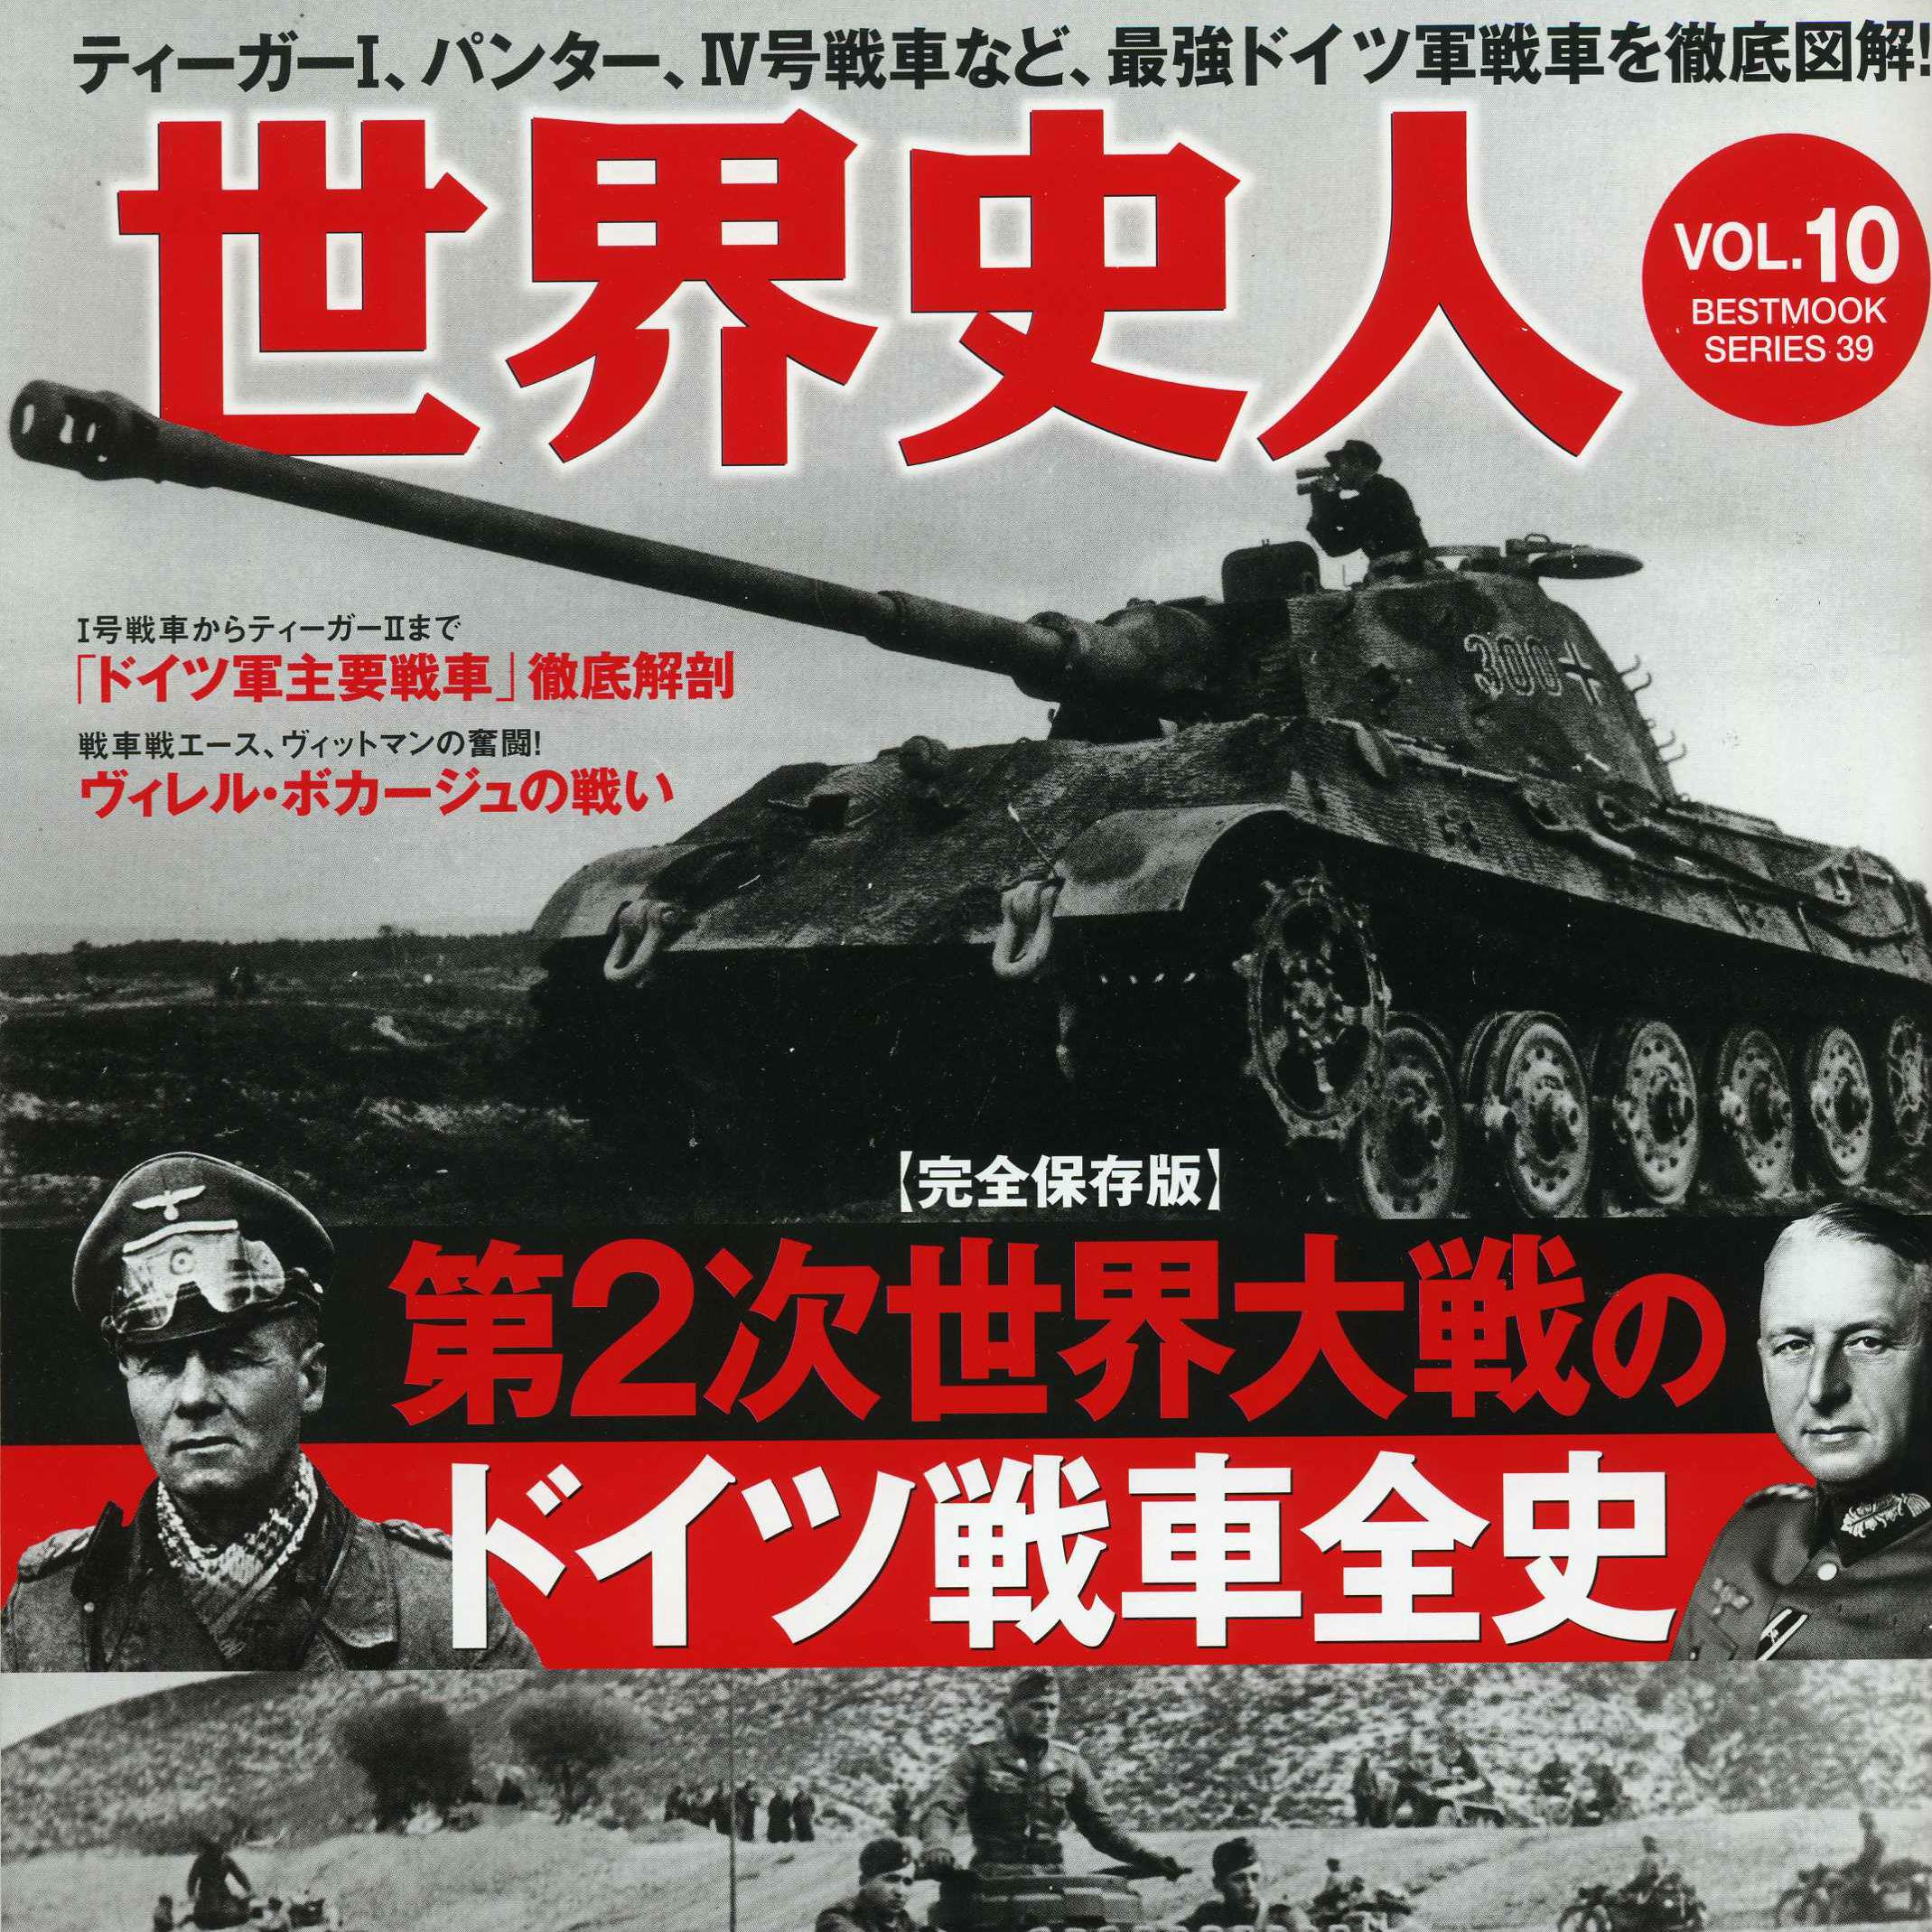 第1次世界大戦後に生まれた、歴史に名を残すドイツの名戦車